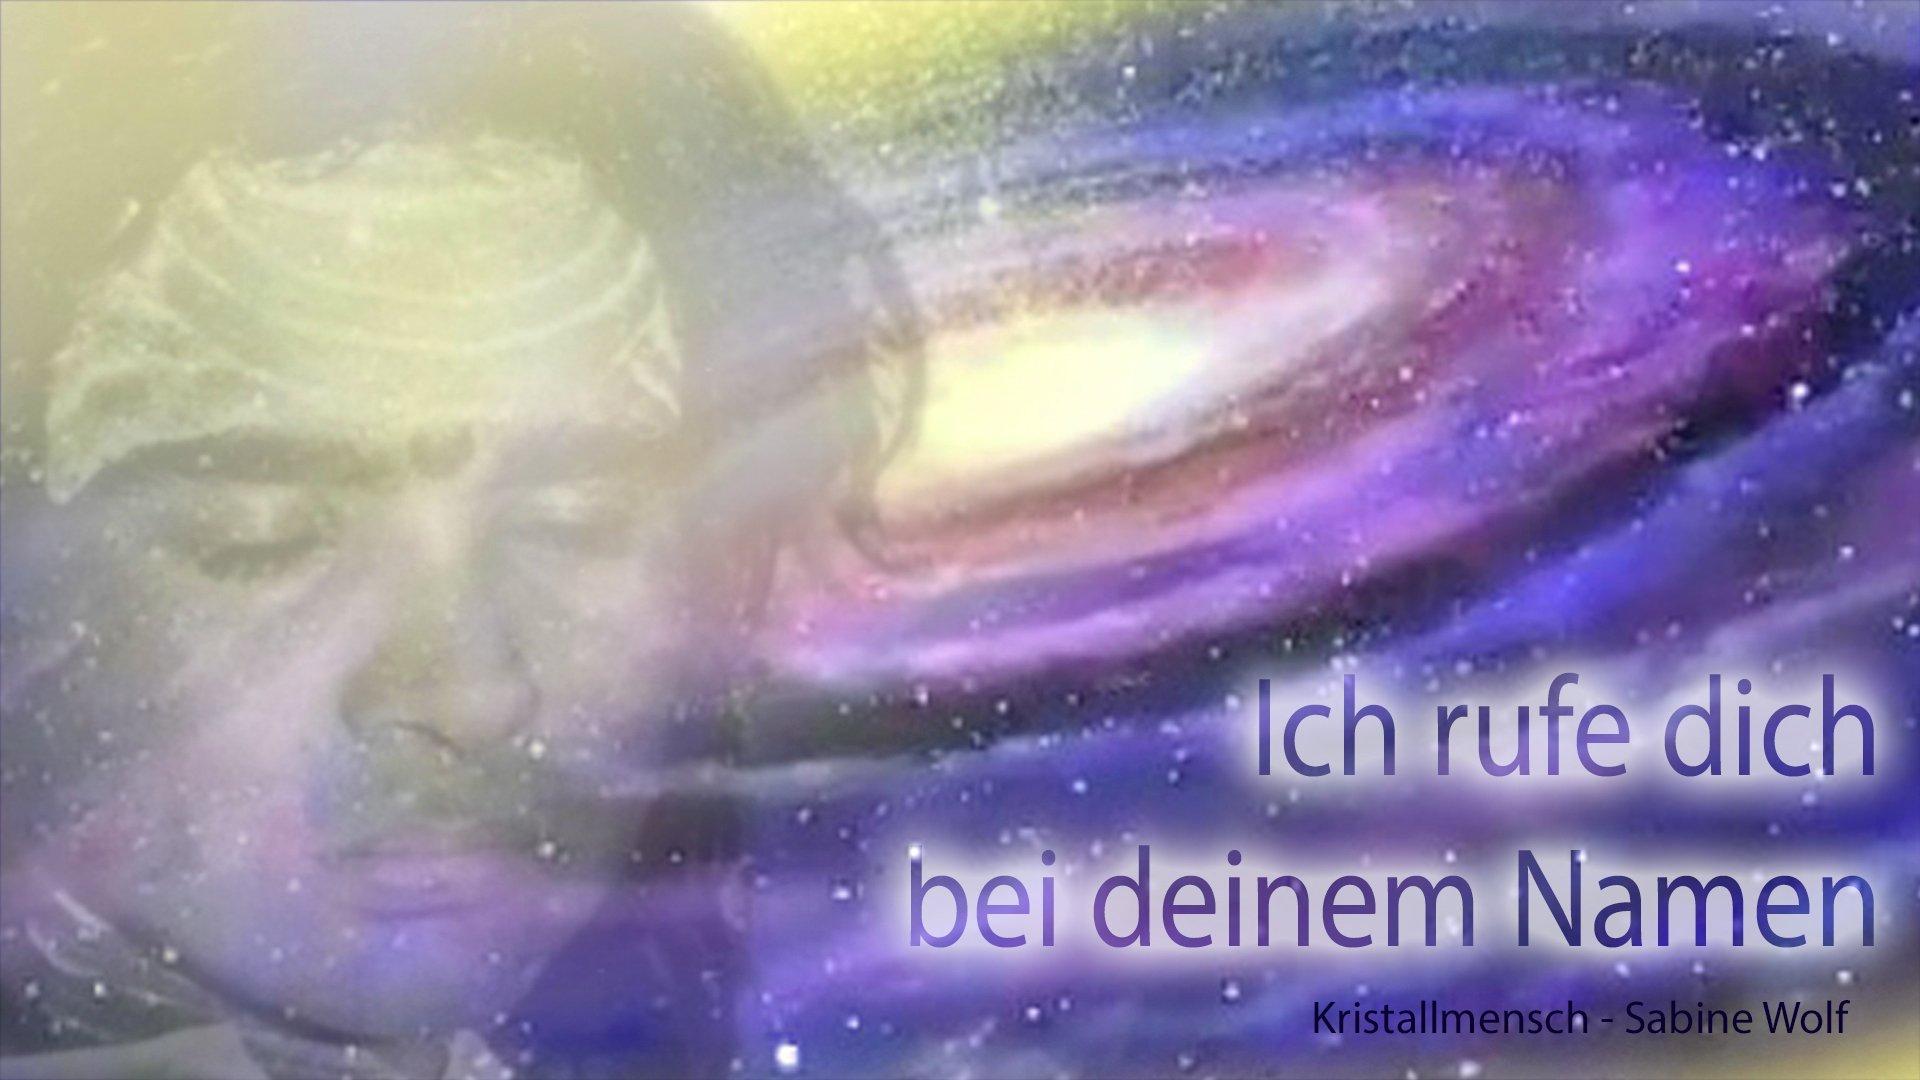 23_12_Ich_rufe_Dich